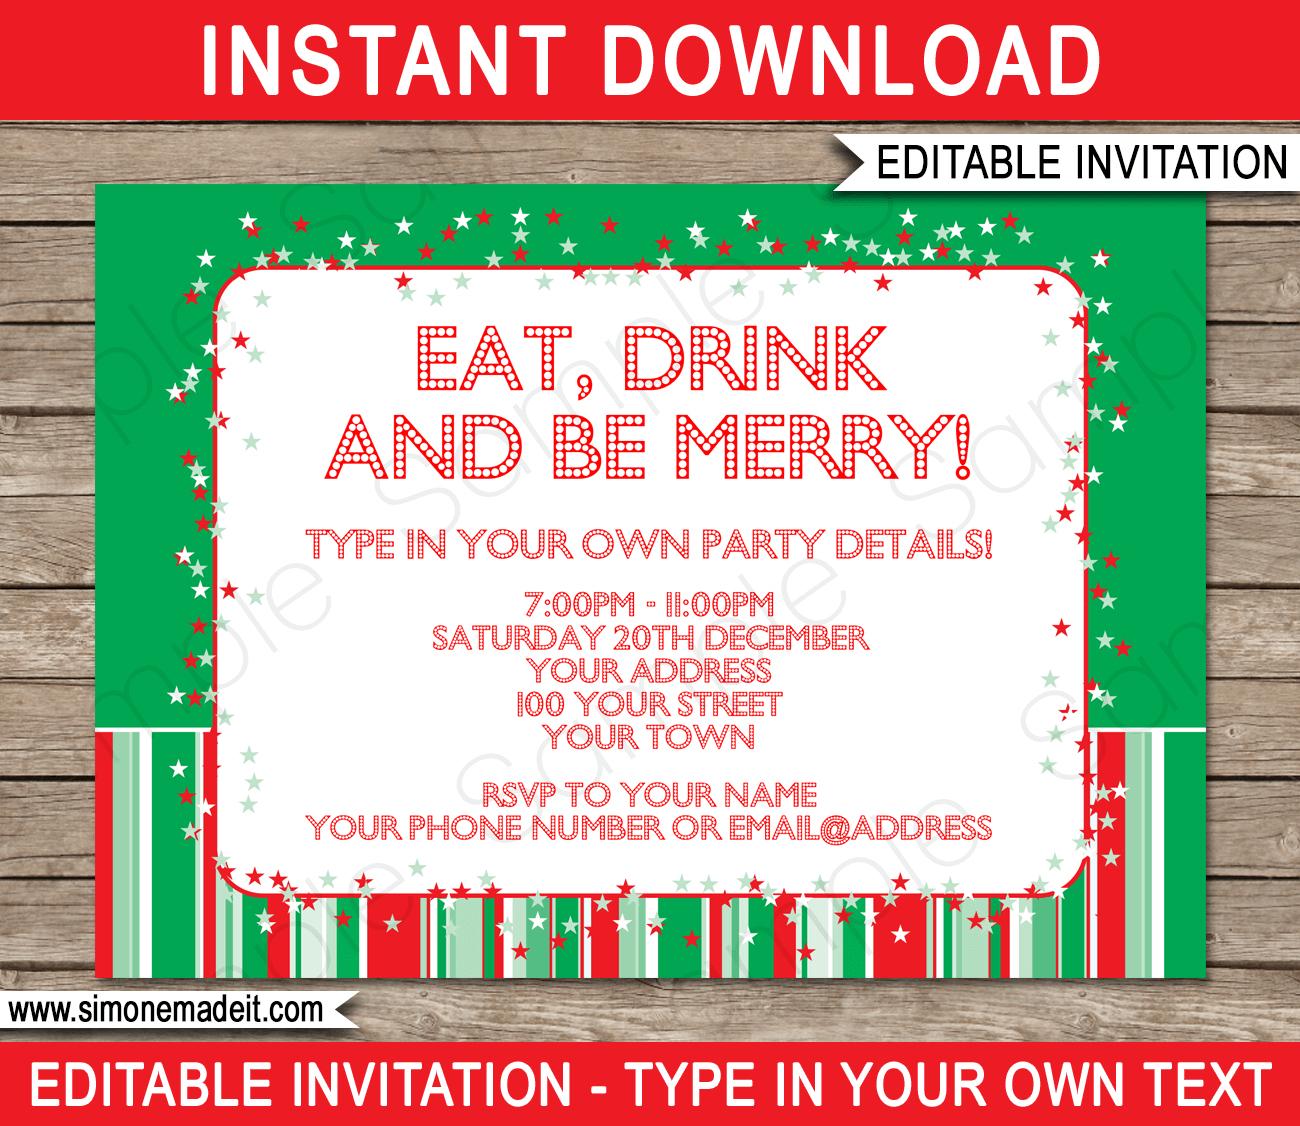 Christmas Party Free Printable Holiday Invitation Personalized - Christmas Party Invitation Templates Free Printable